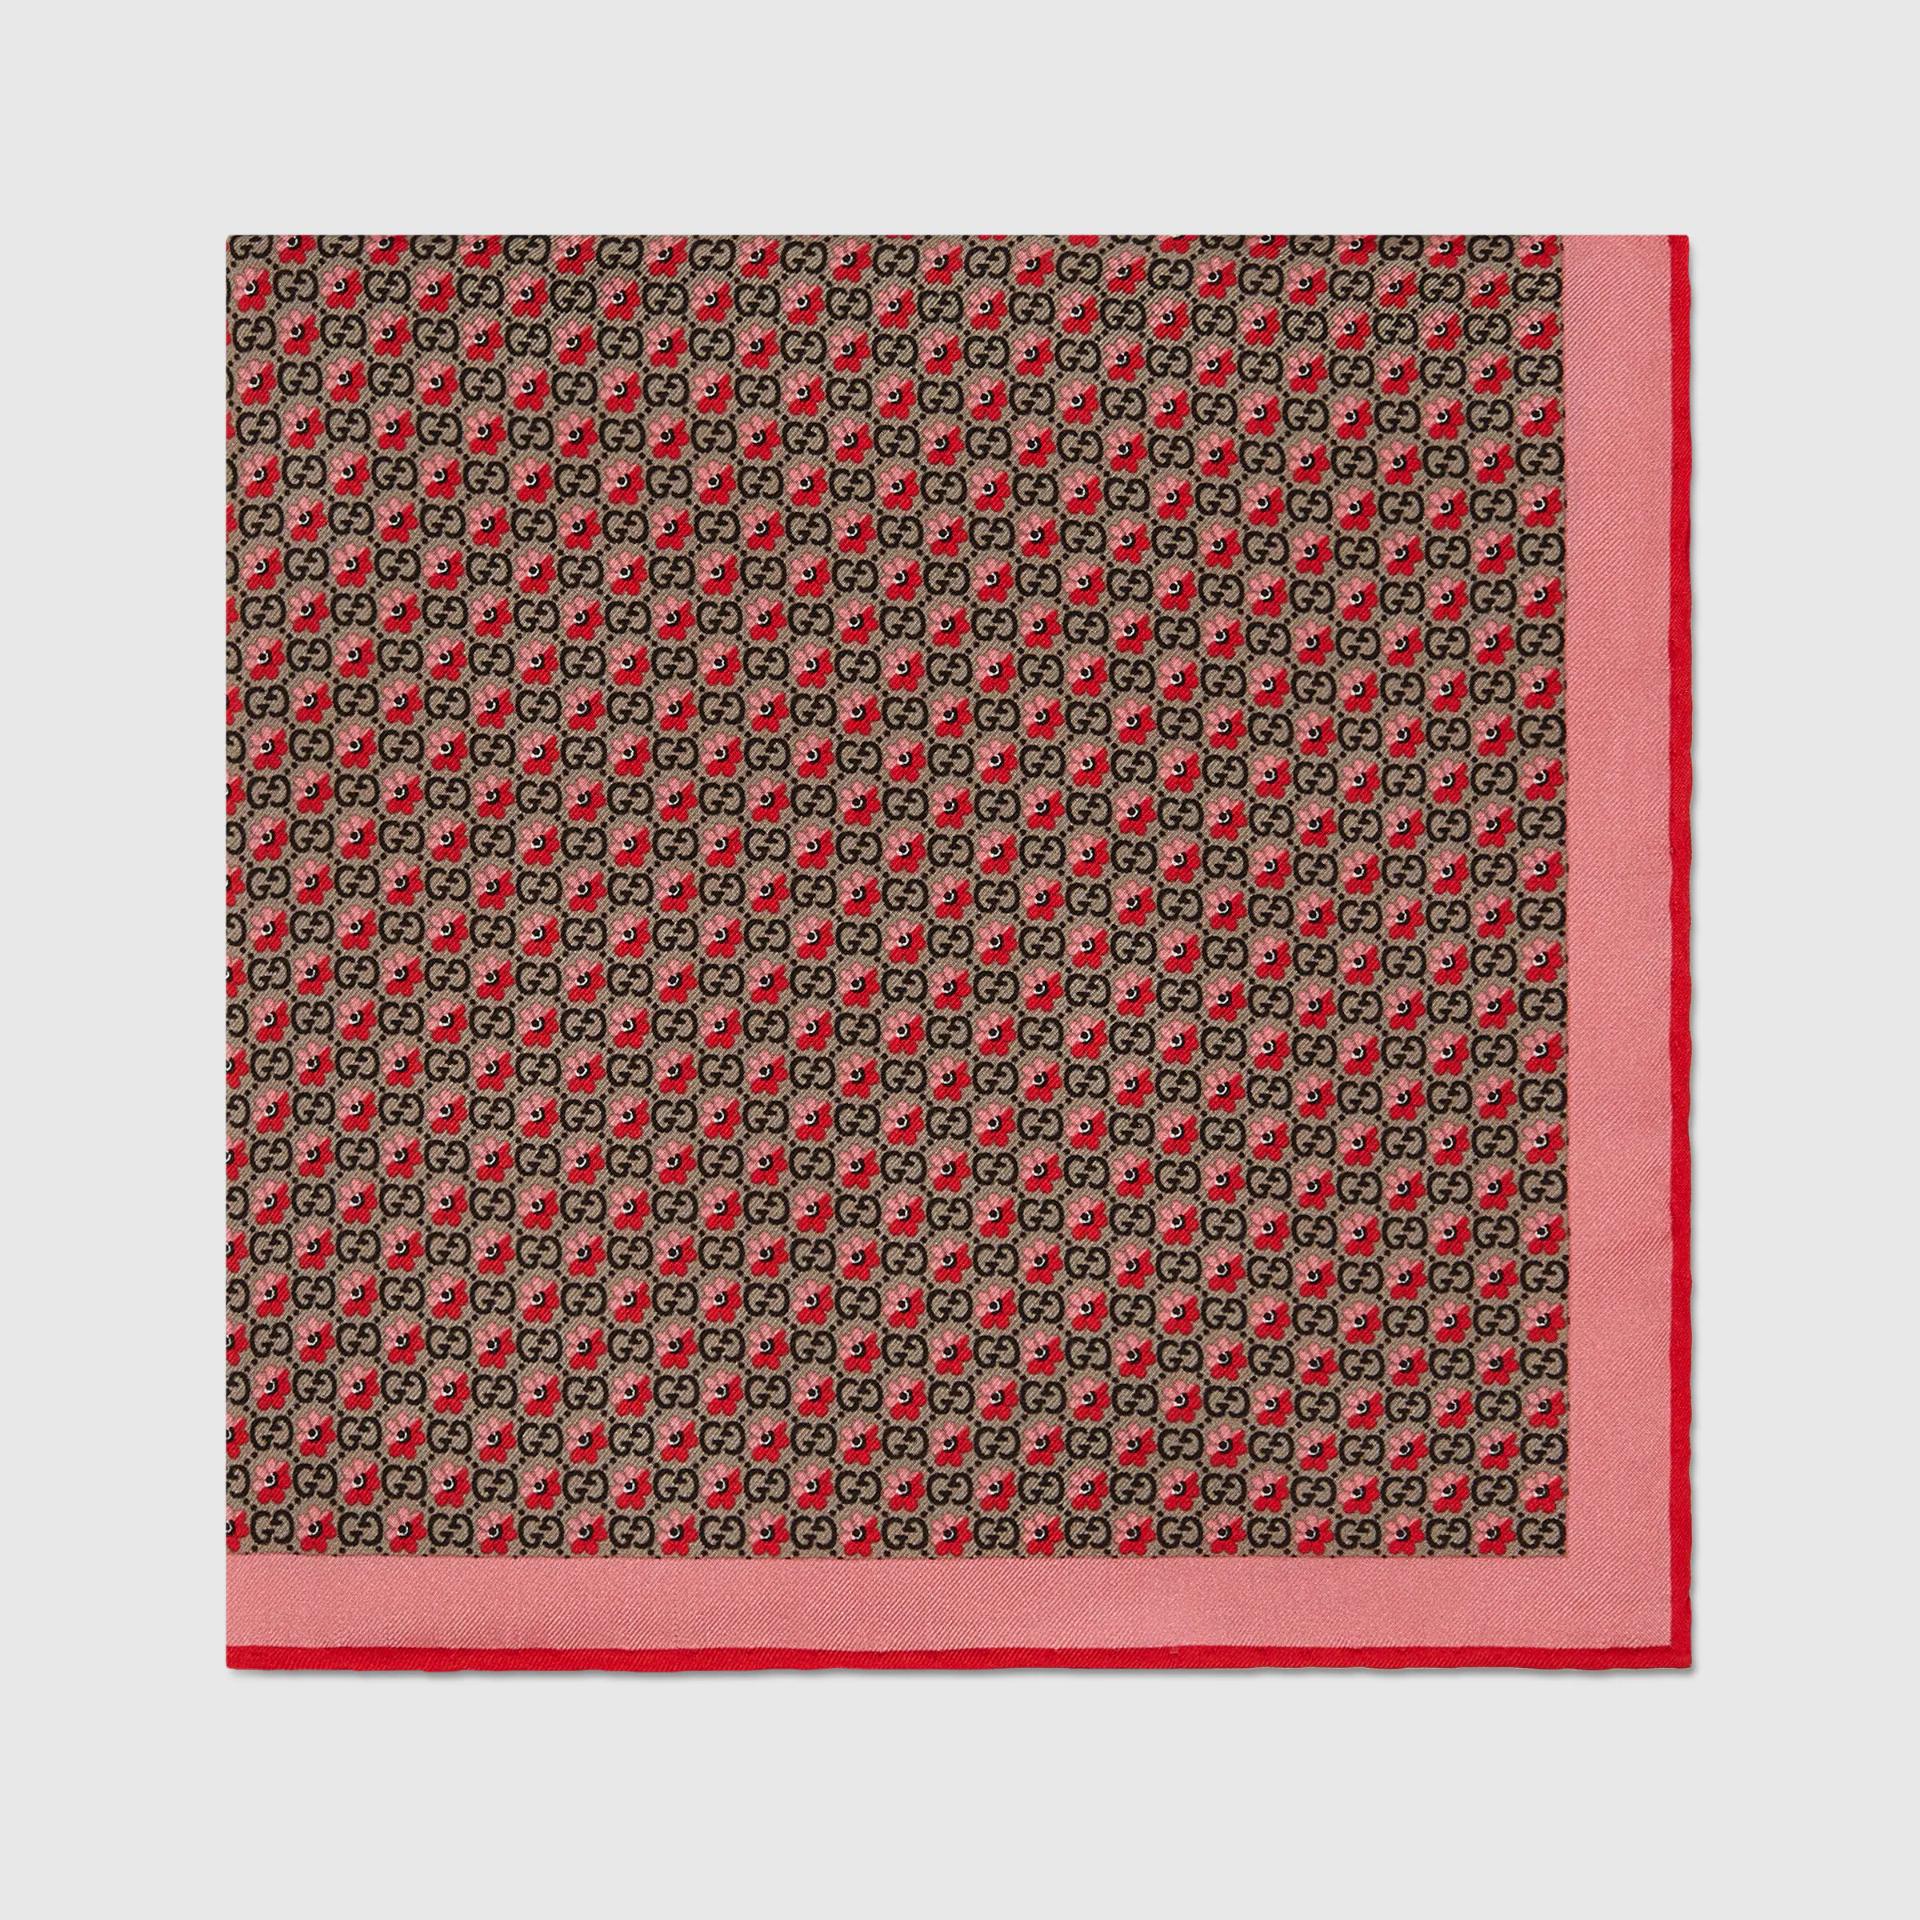 유럽직배송 구찌 GUCCI Gucci GG and floral print silk pocket square 6768404G0019974